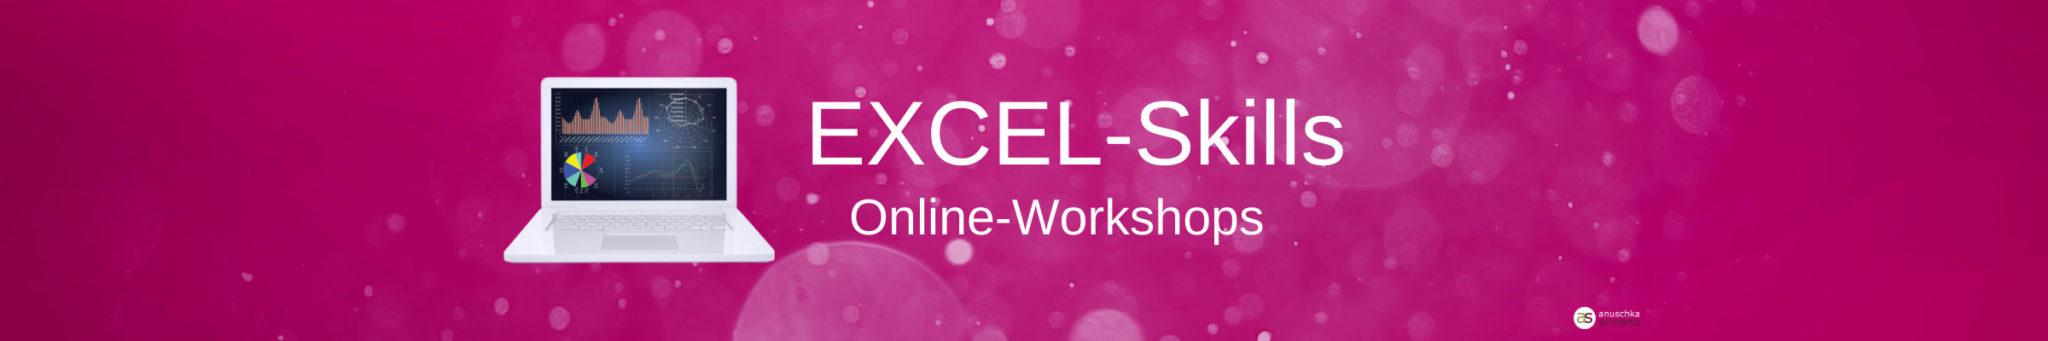 EXCEL-Skills Onlineworkshops für Assistenz, Sekretariat, Selbstständige